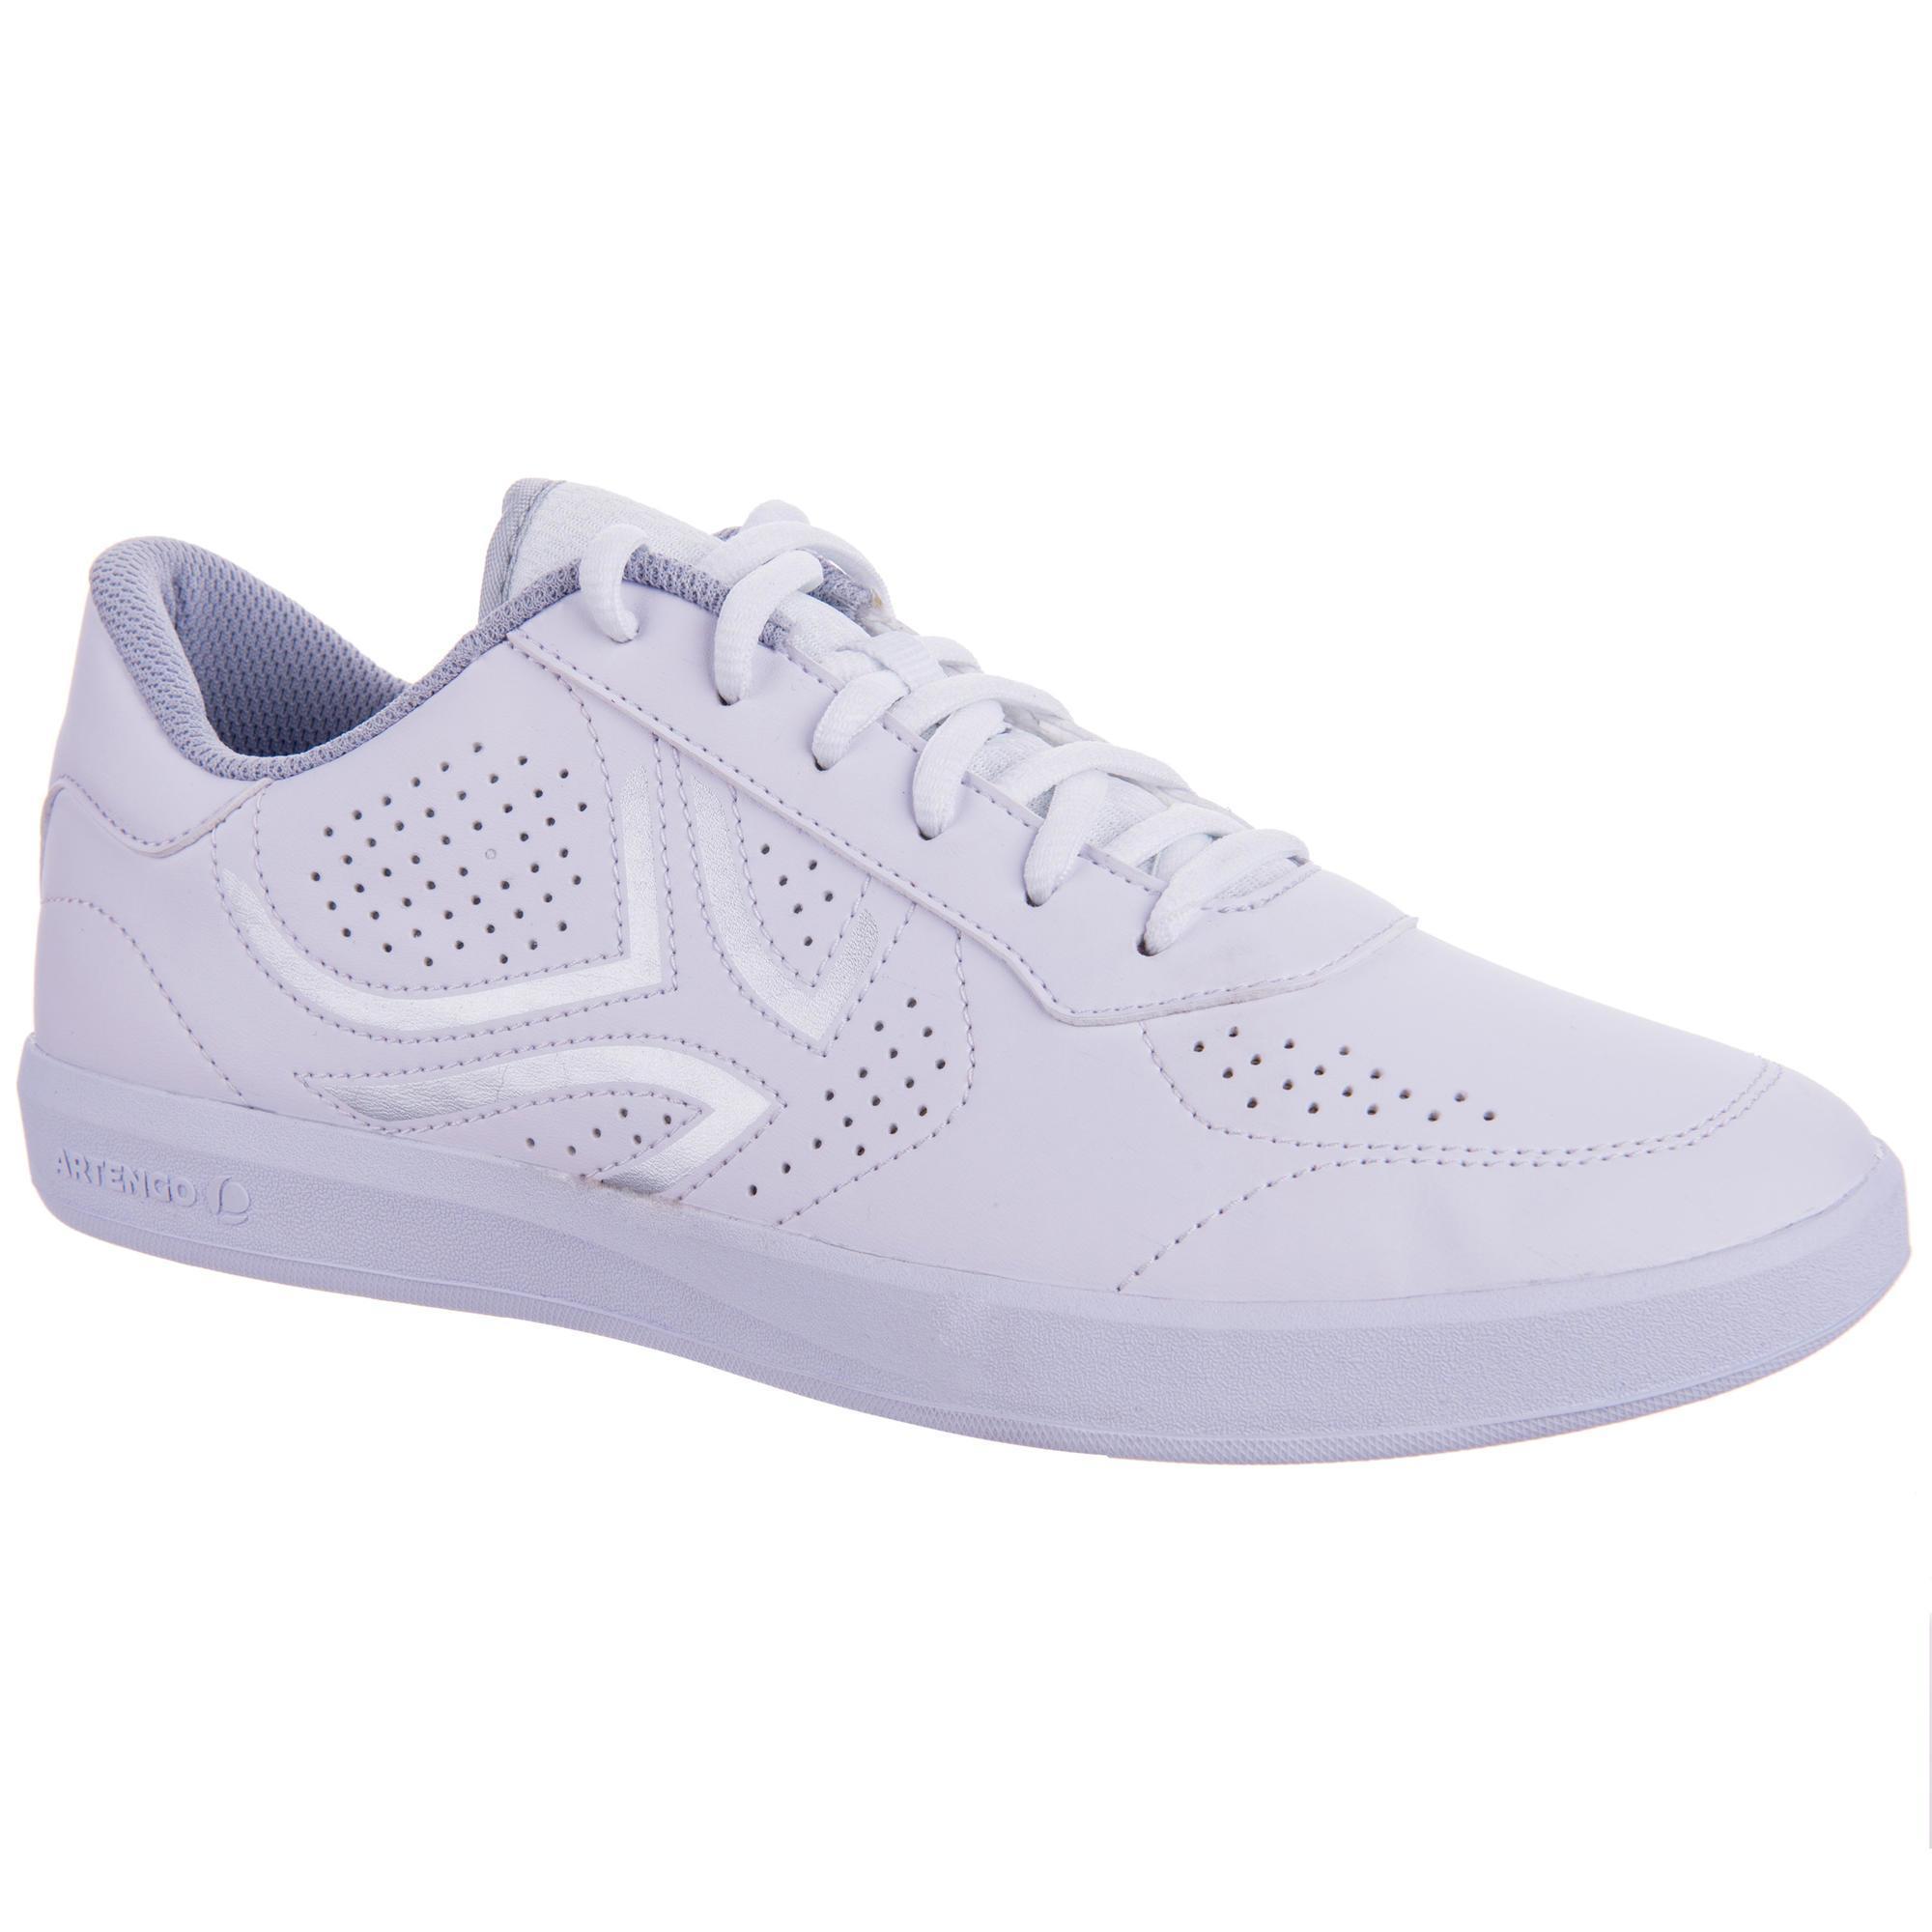 Artengo Tennisschoenen TS100 voor dames wit